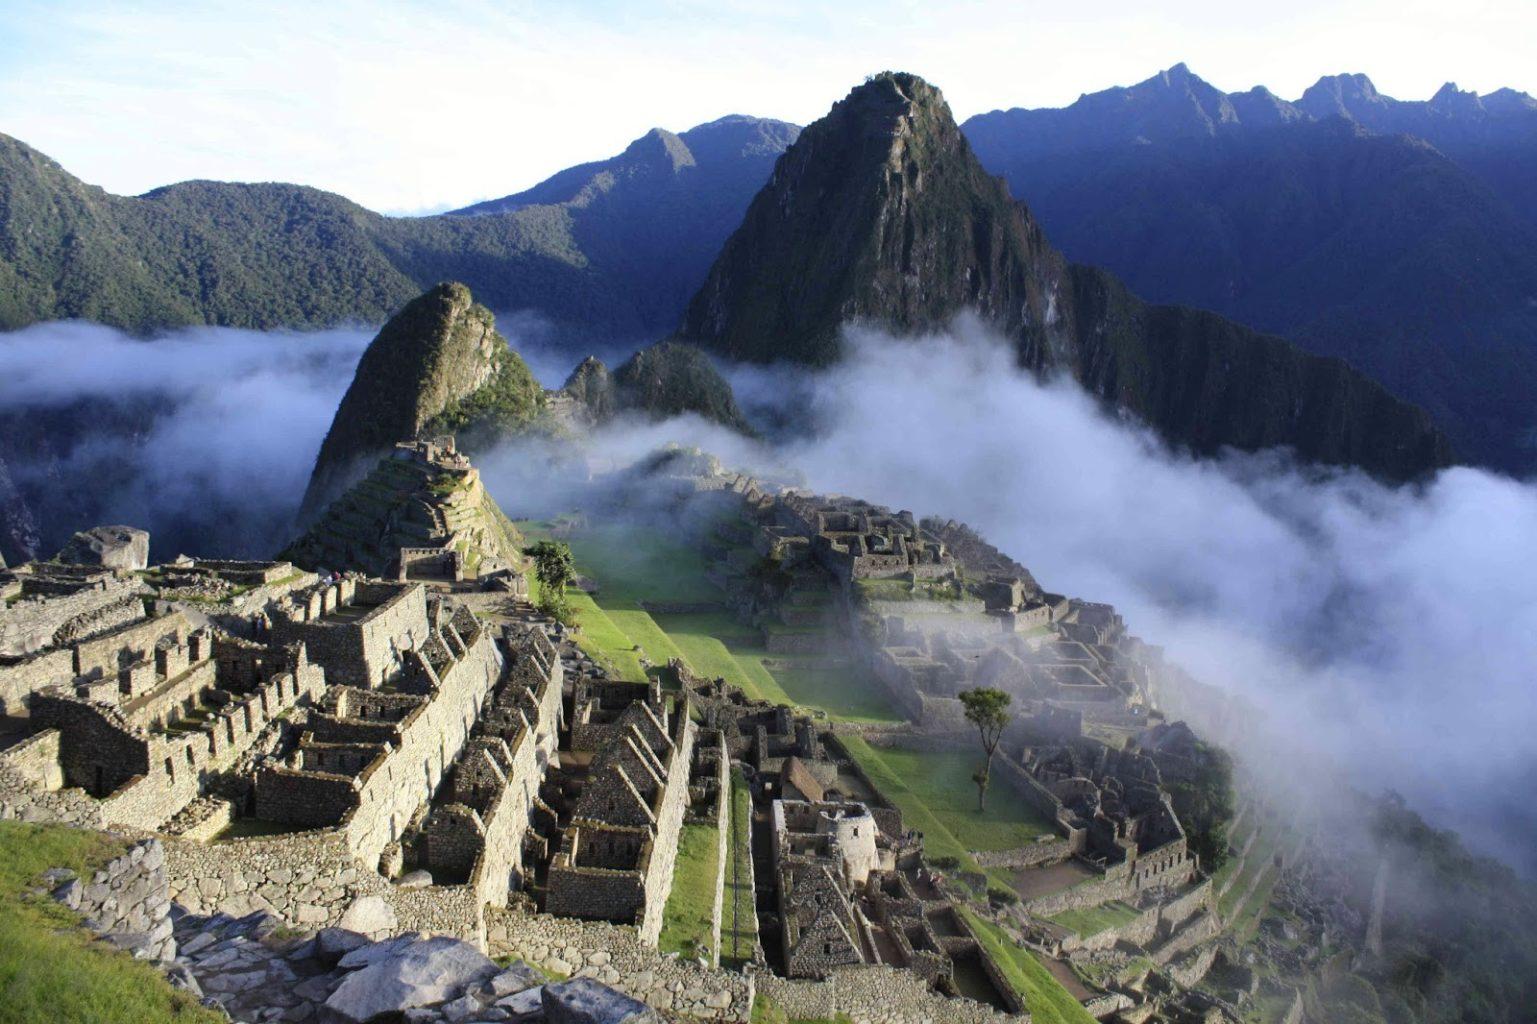 Туристов, осквернивших священный город инков, депортировали, на одного завели уголовное дело